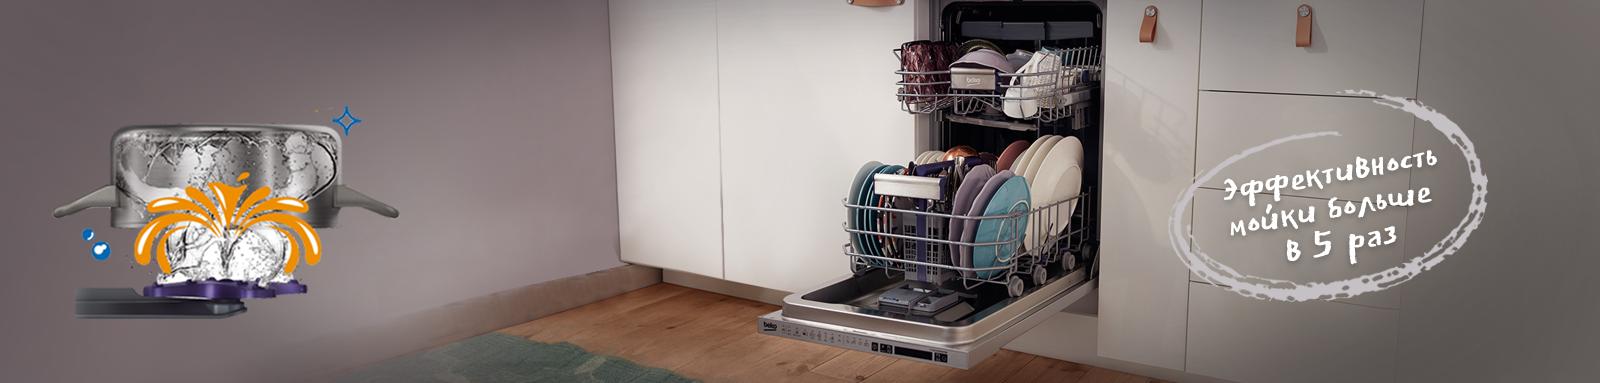 Легко отмоет сильно загрязненную посуду<br> благодаря дополнительному коромыслу